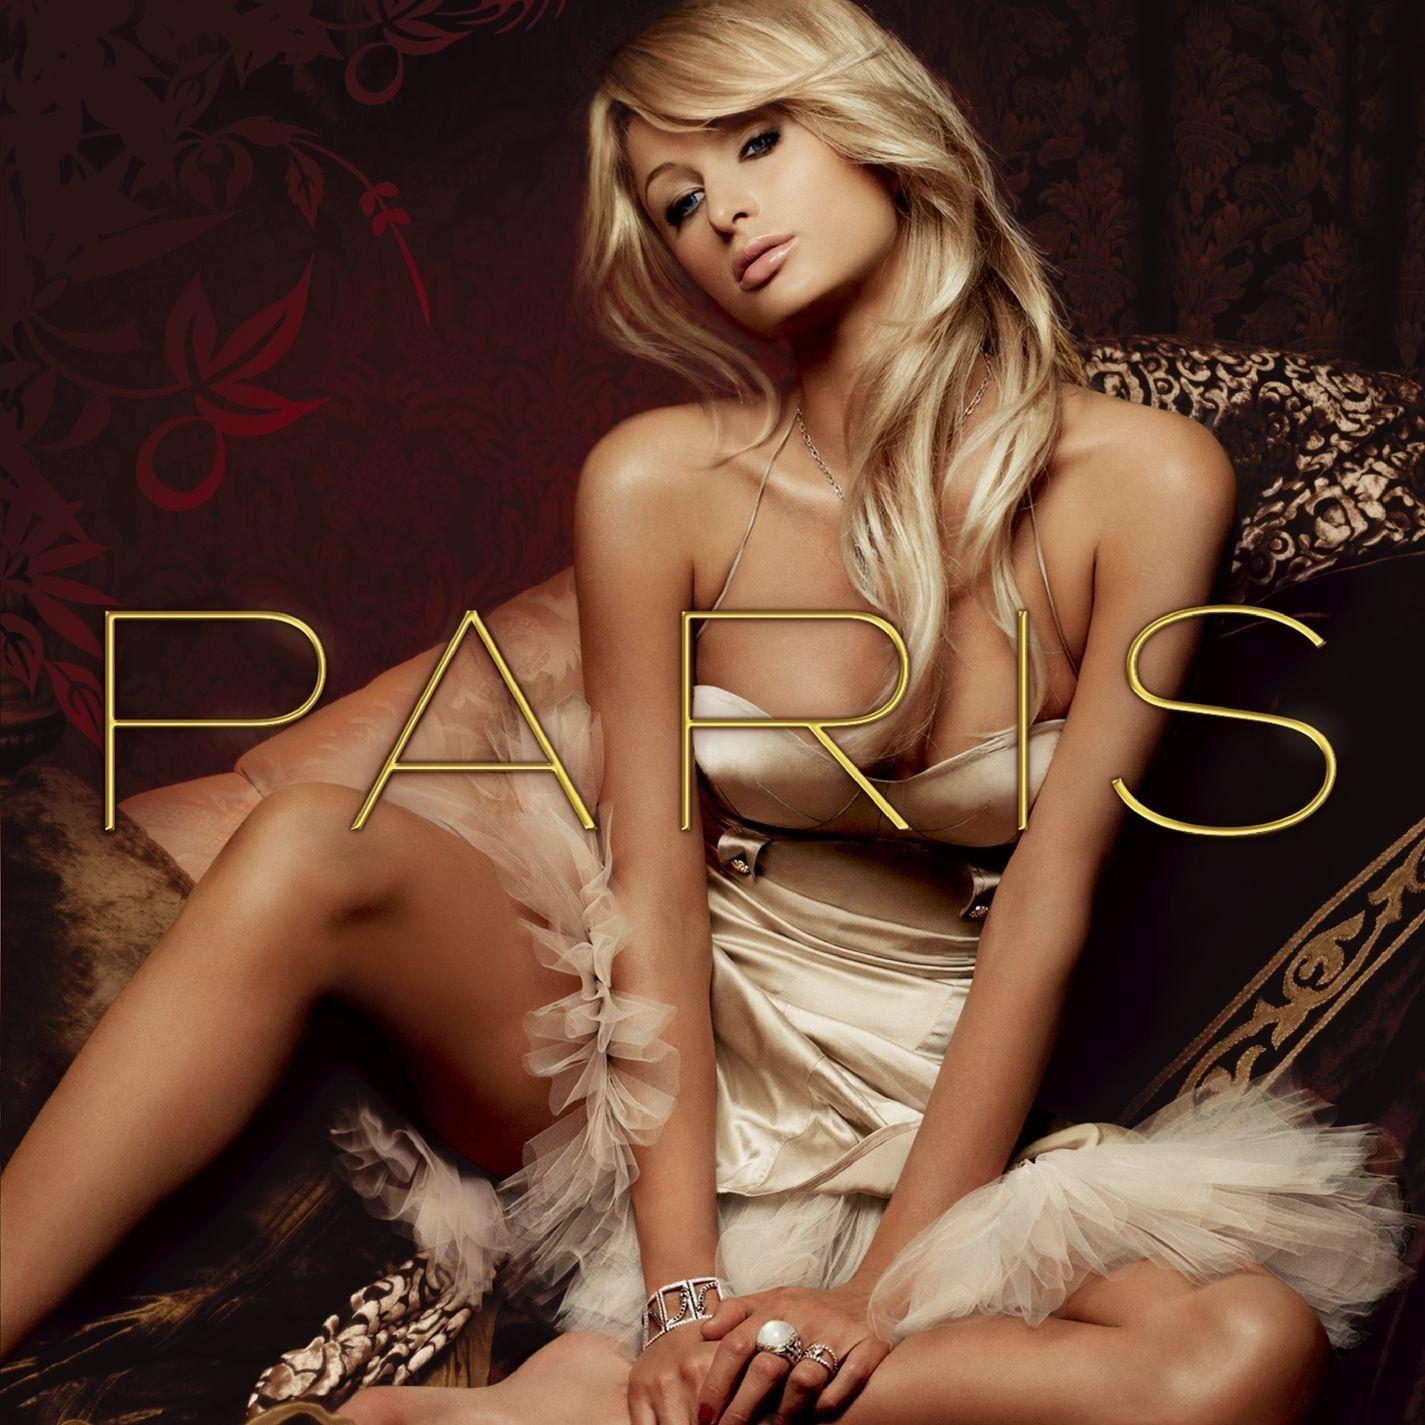 Paris Hilton - Paris album cover